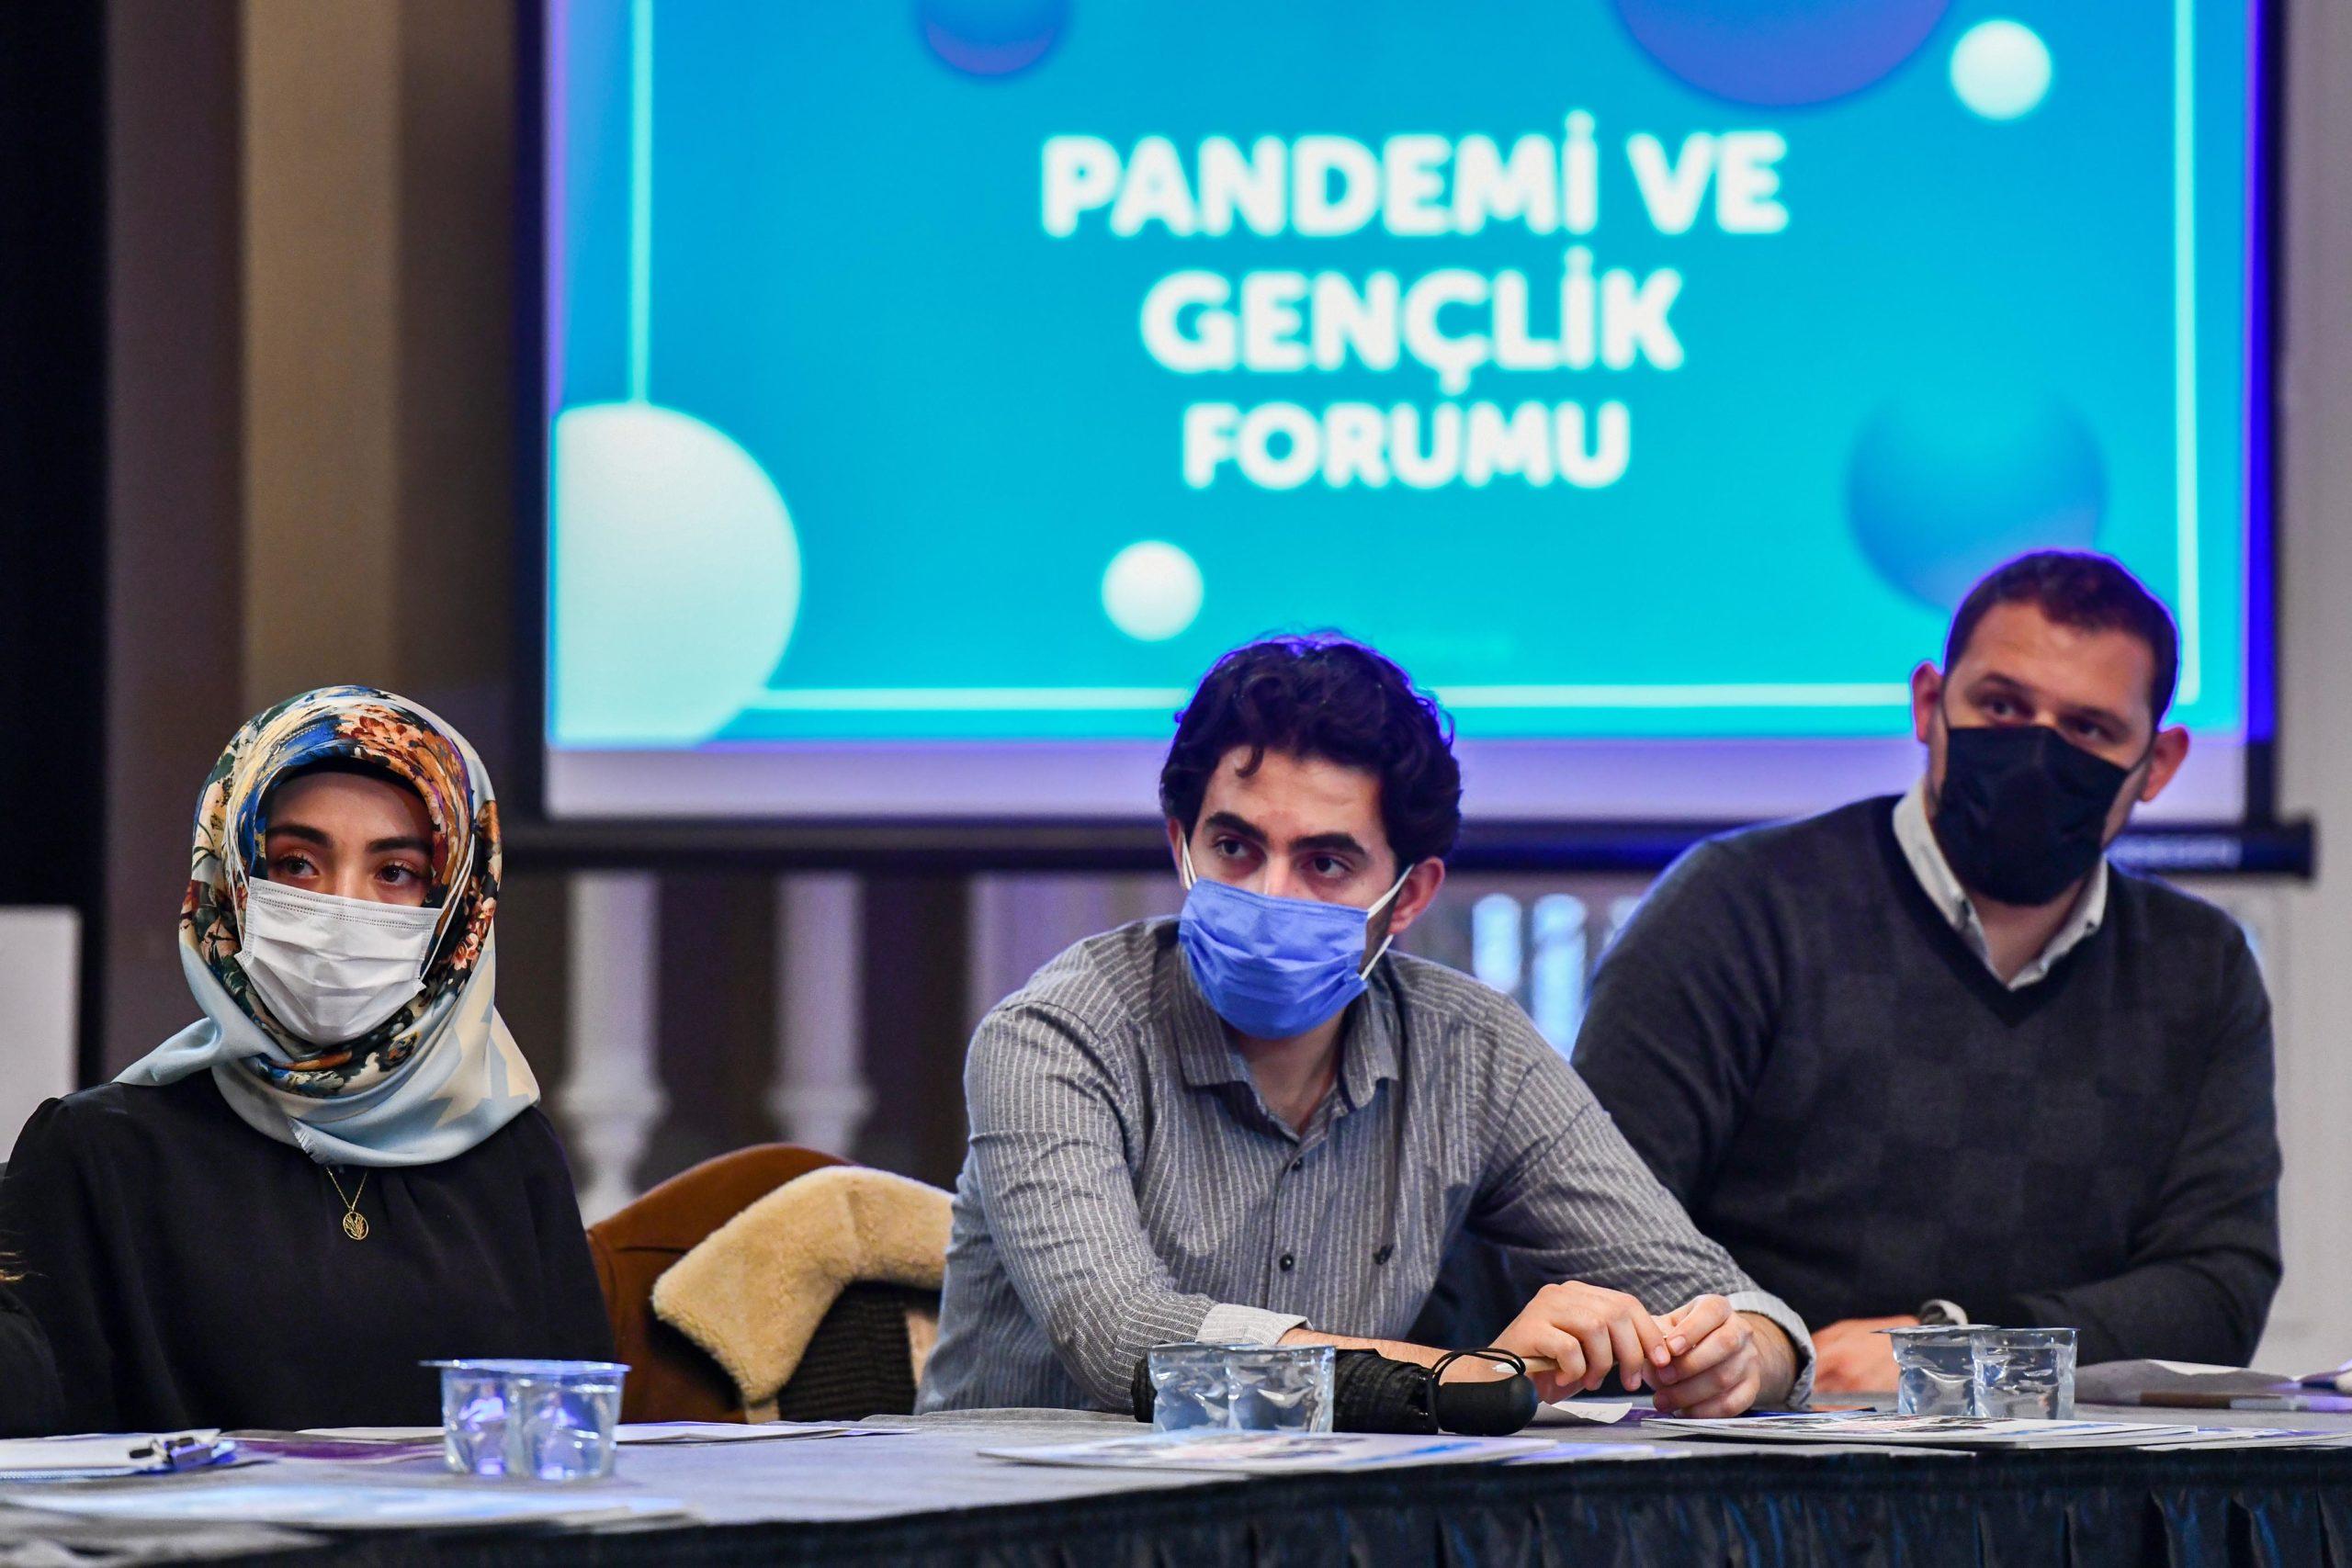 Ankara Kent Konseyi 'Pandeminin Gençlik Üzerindeki Etkilerini' Masaya Yatırdı